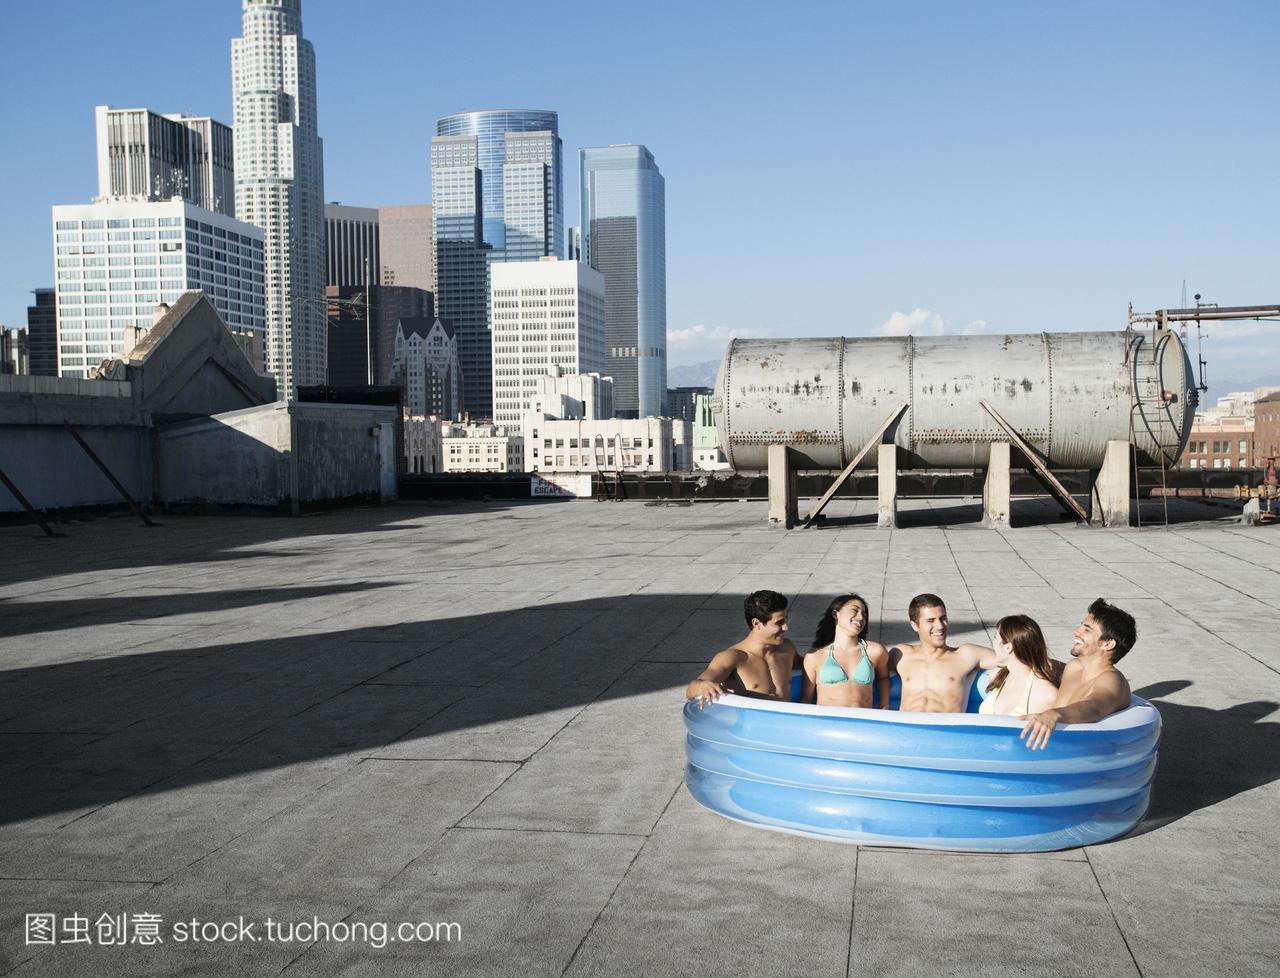 一群朋友,男男女女坐在城市屋顶的一个小充气